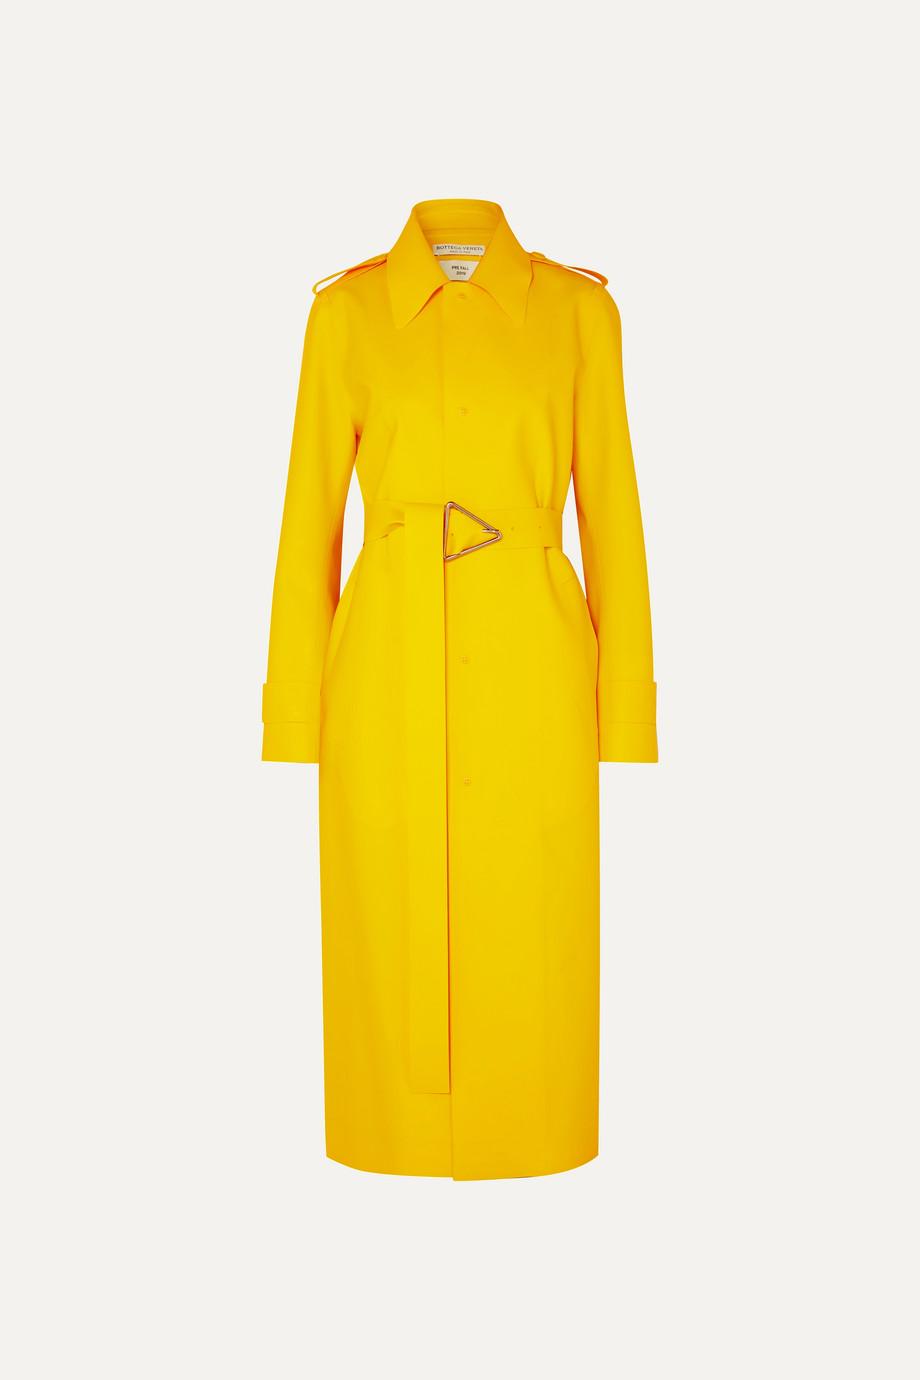 Bottega Veneta PU trench coat